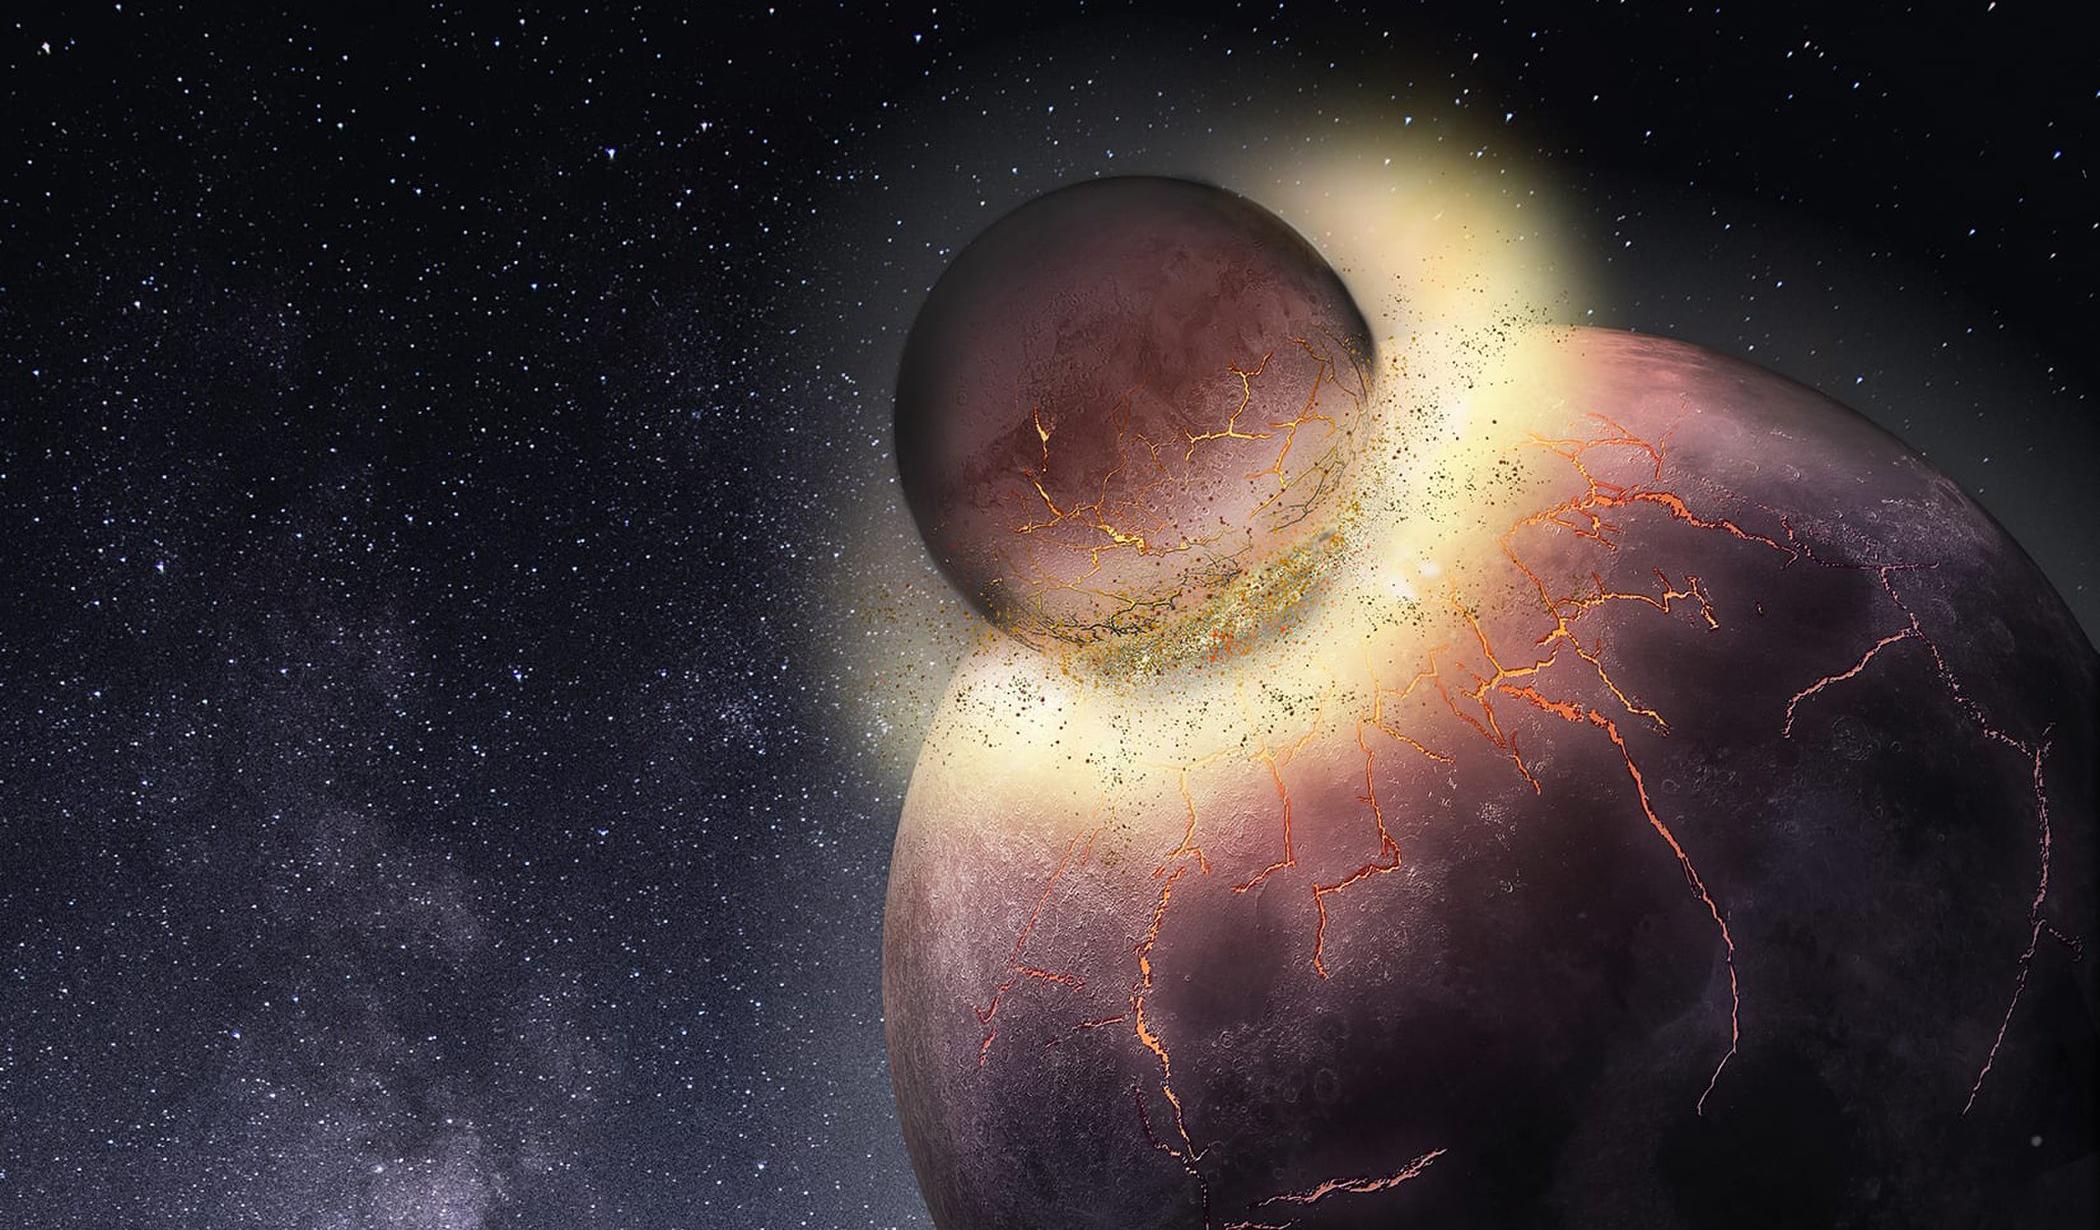 Жизнь на Земле - результат колоссальной катастрофы